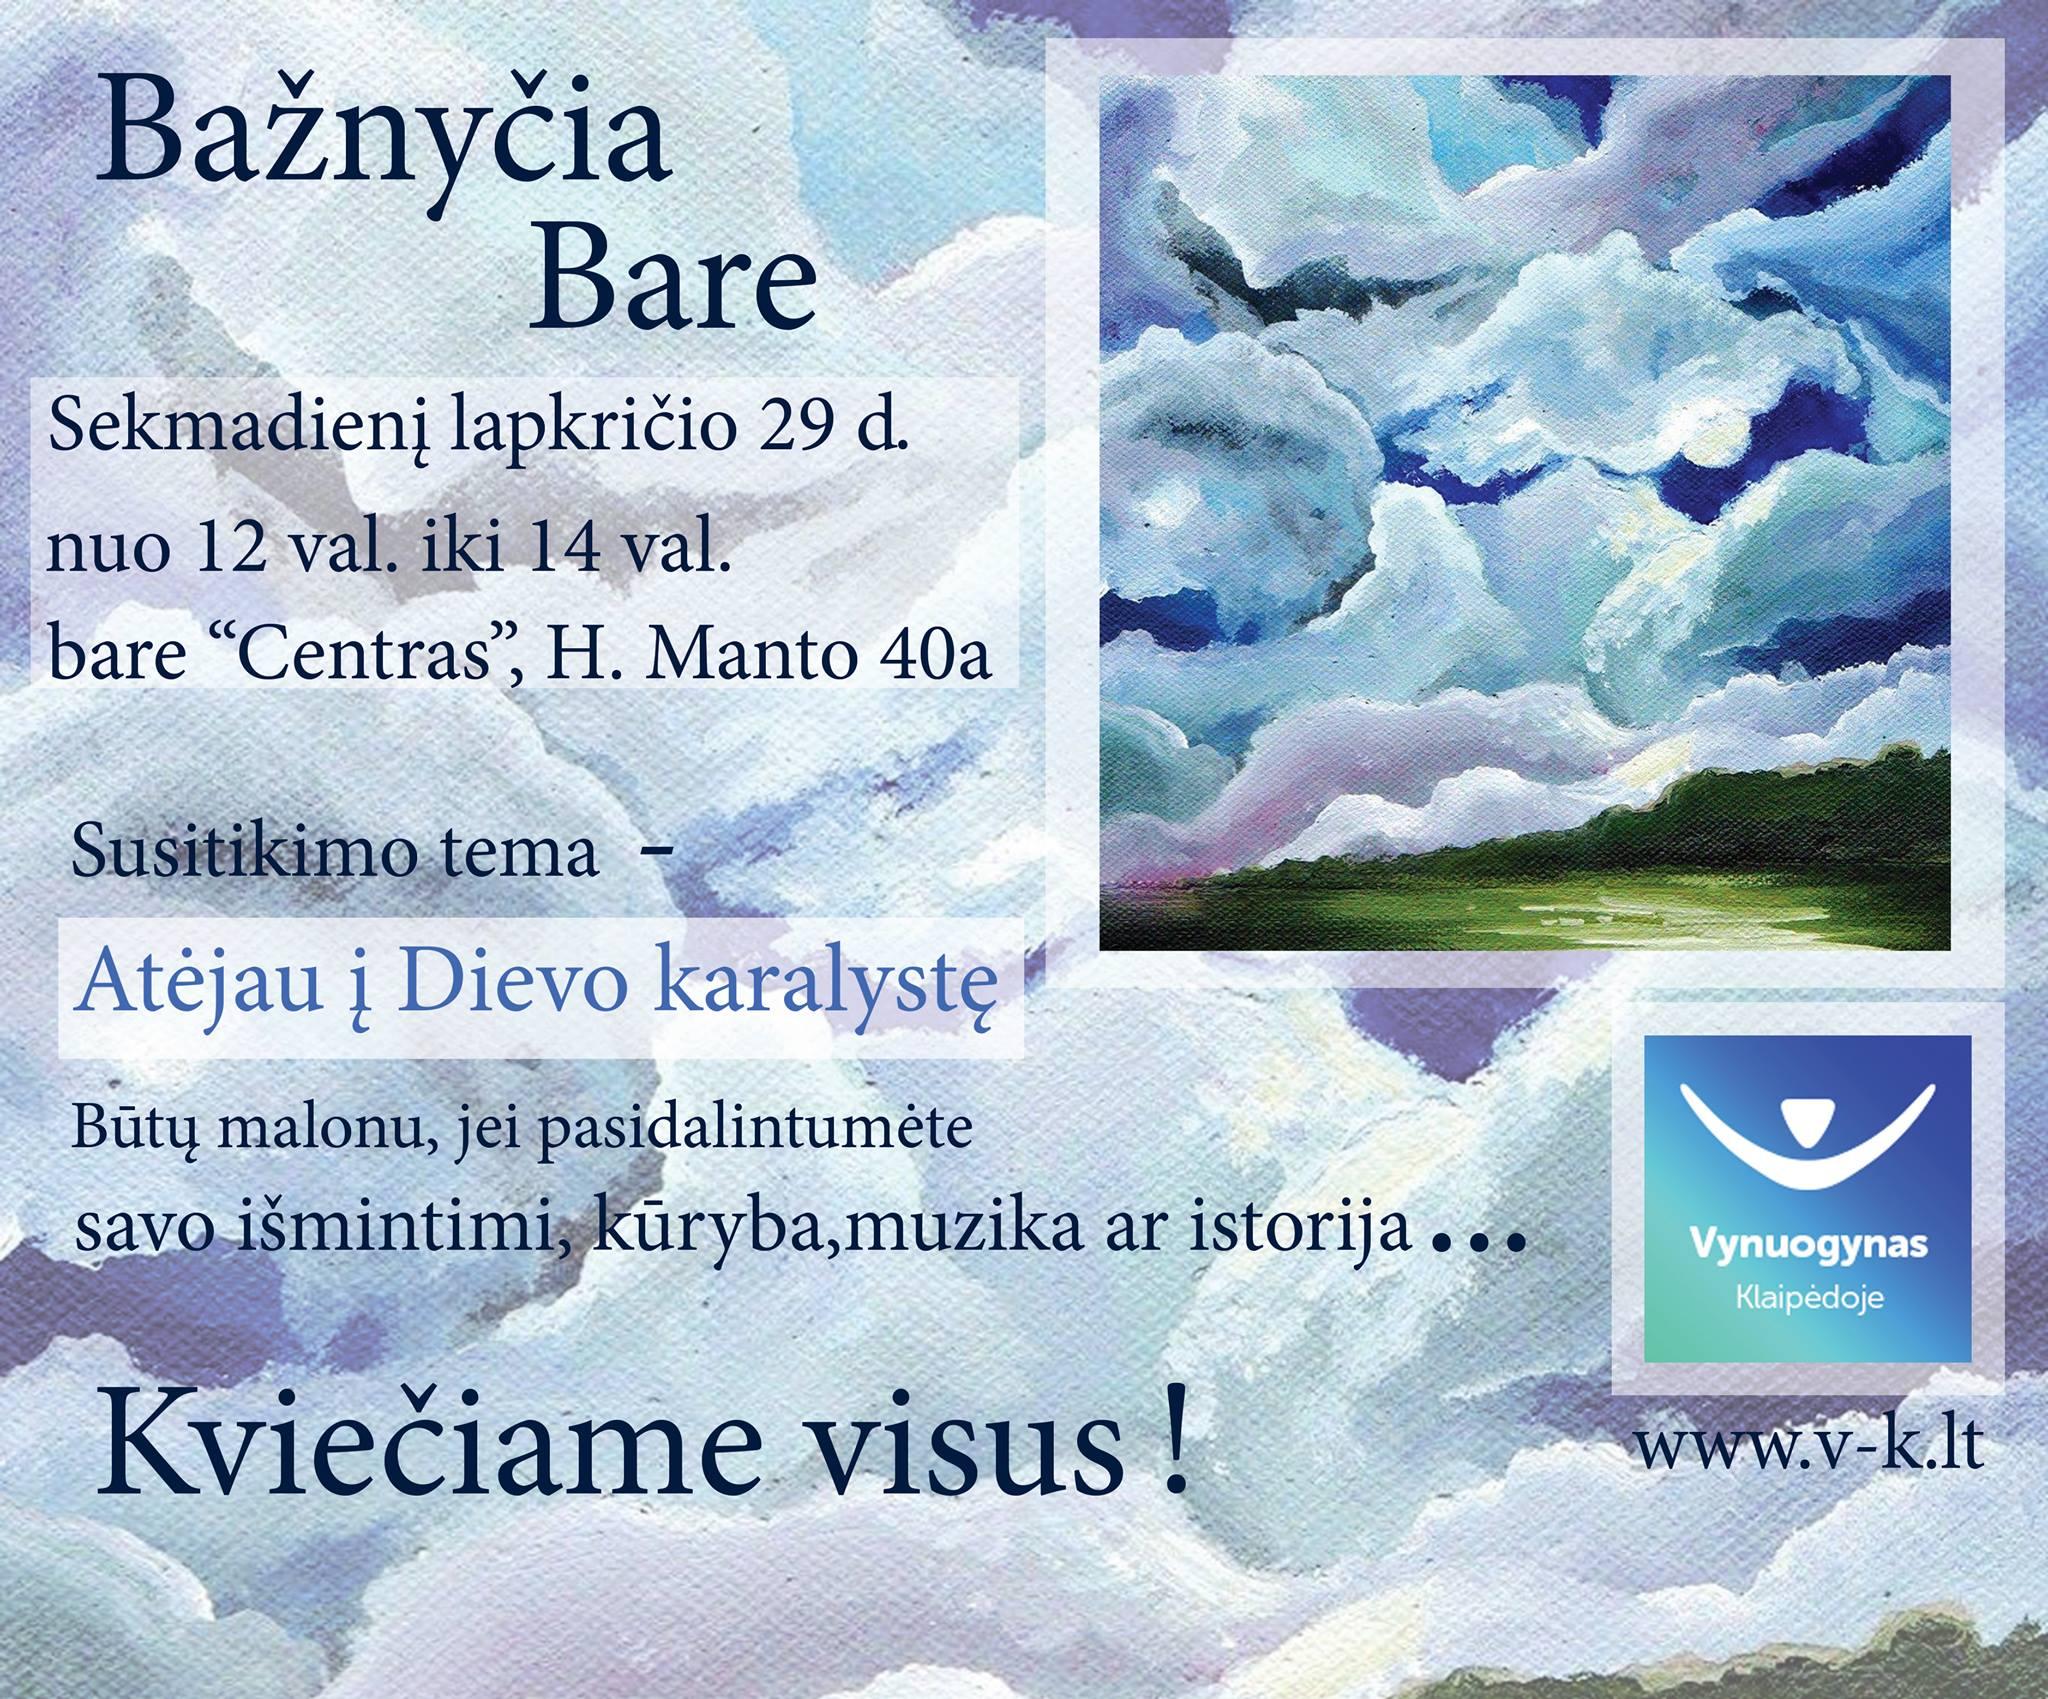 Baznycia Bare 2015.11